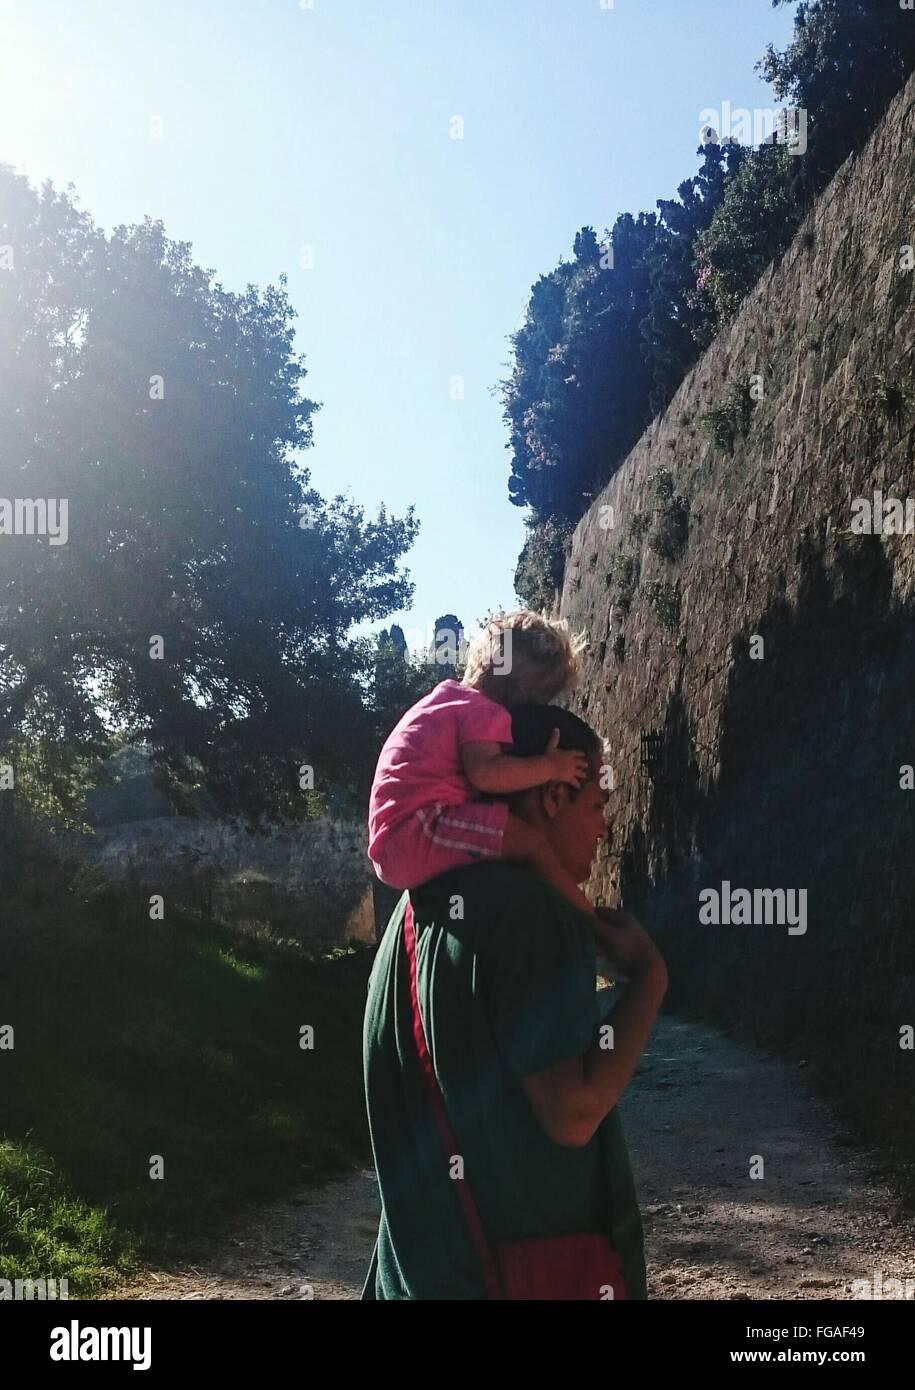 Vater mit Kind auf Schulter durch Mauer gegen Himmel Stockbild